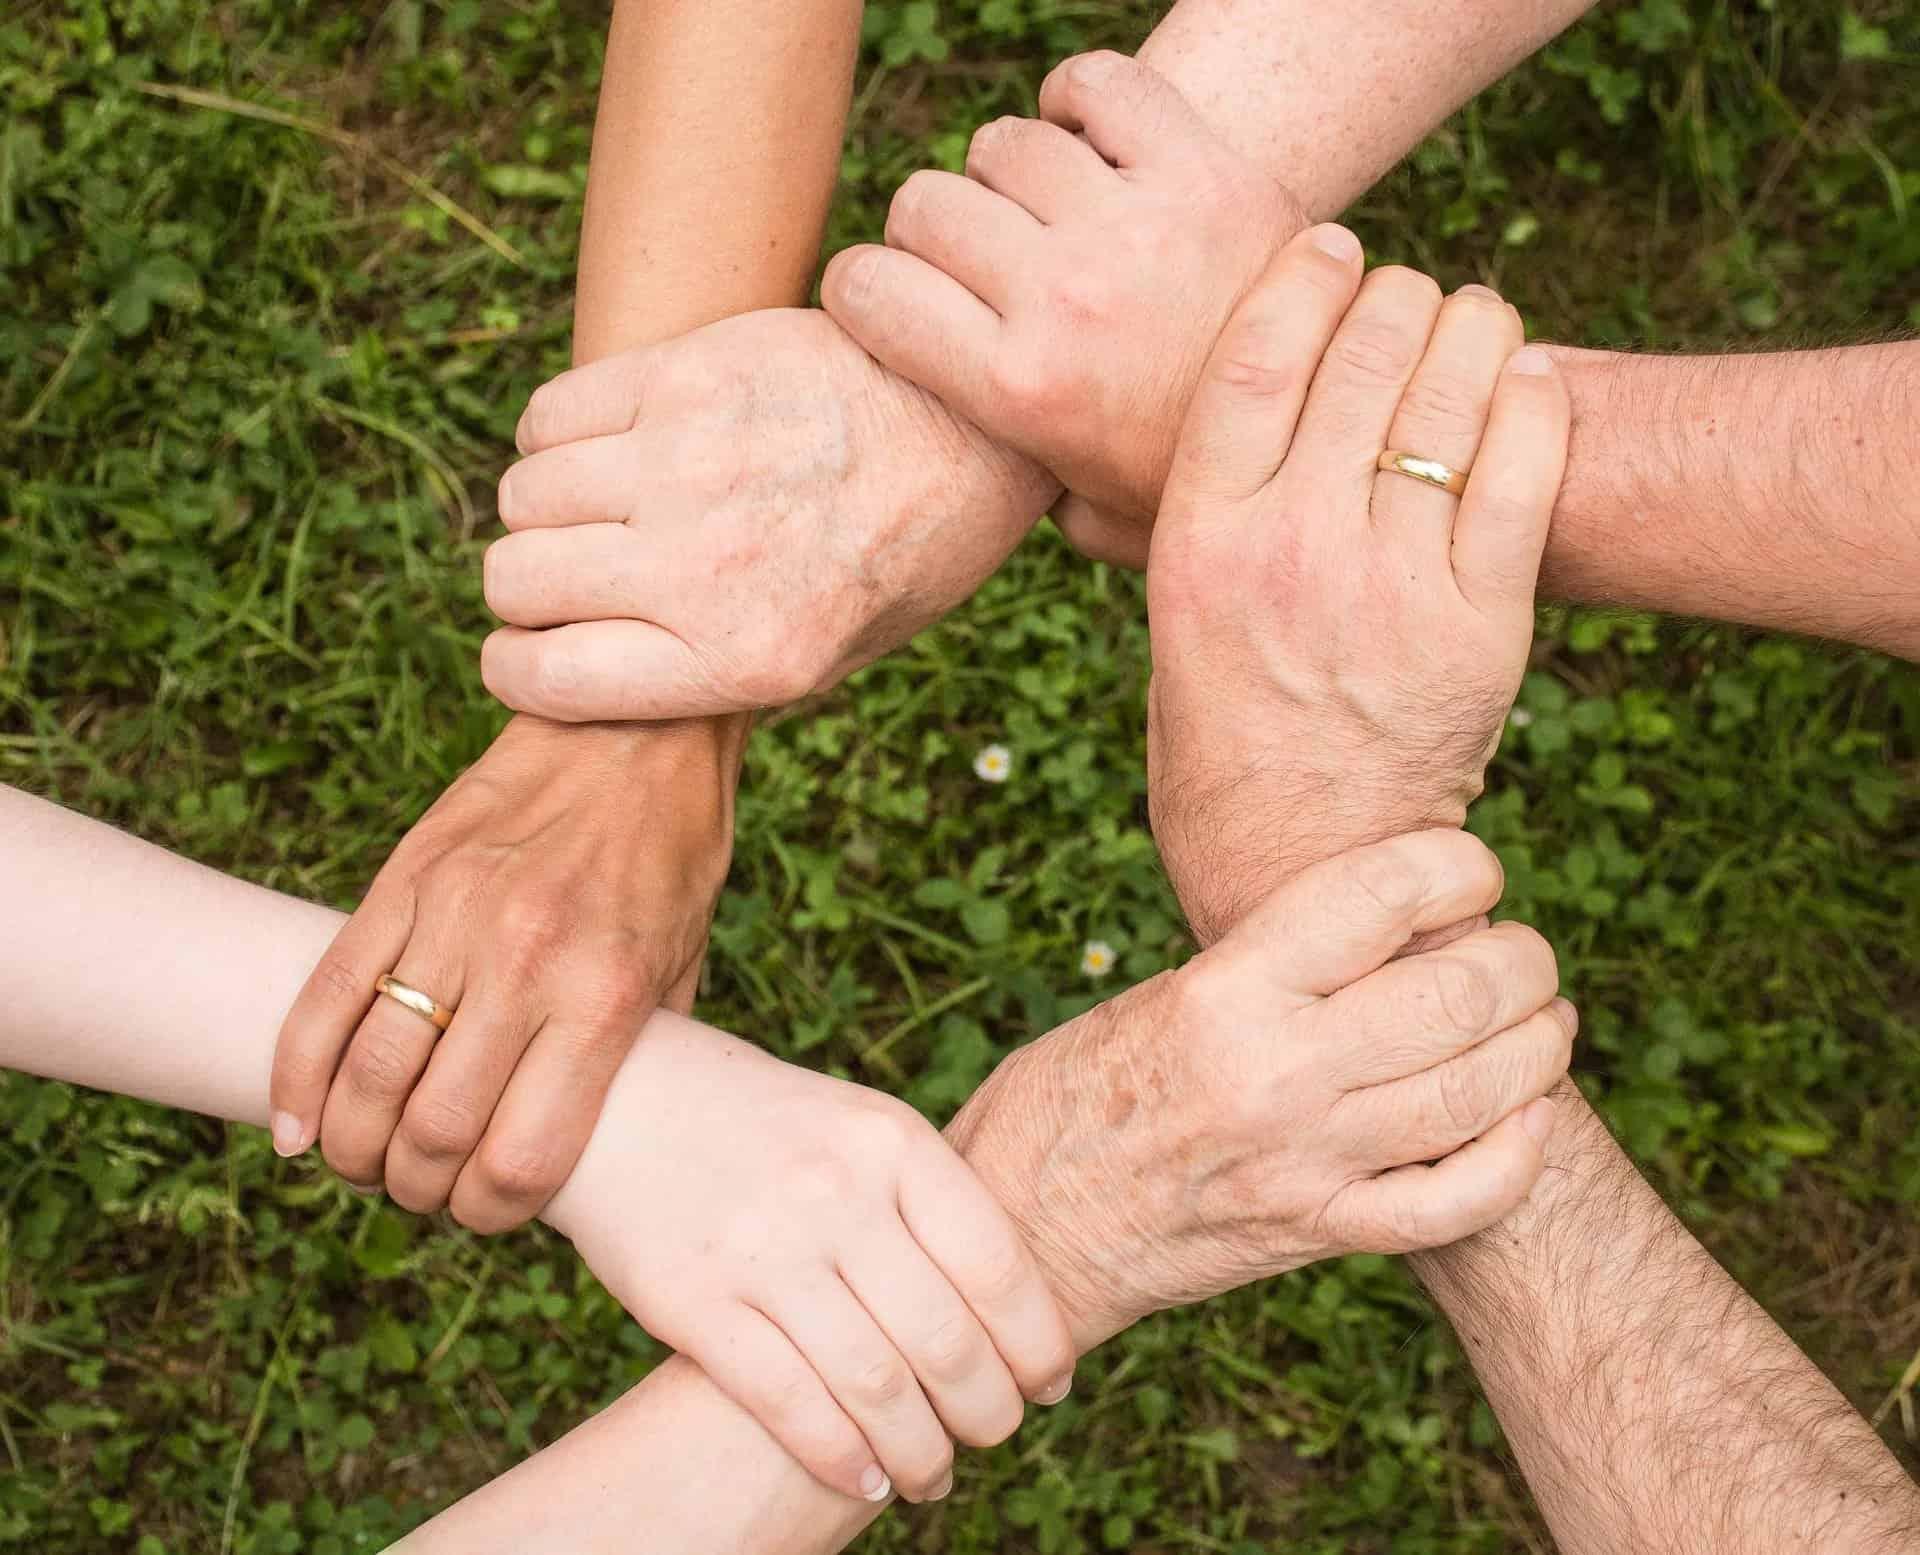 התאחדות התעשיינים בישראל, פרסמה מסמך לאלפי לקוחותיה בנושא גישור ככלי לצמצום הליכים משפטיים בסכסוכים העסקיים הנובעים ממשבר הקורונה